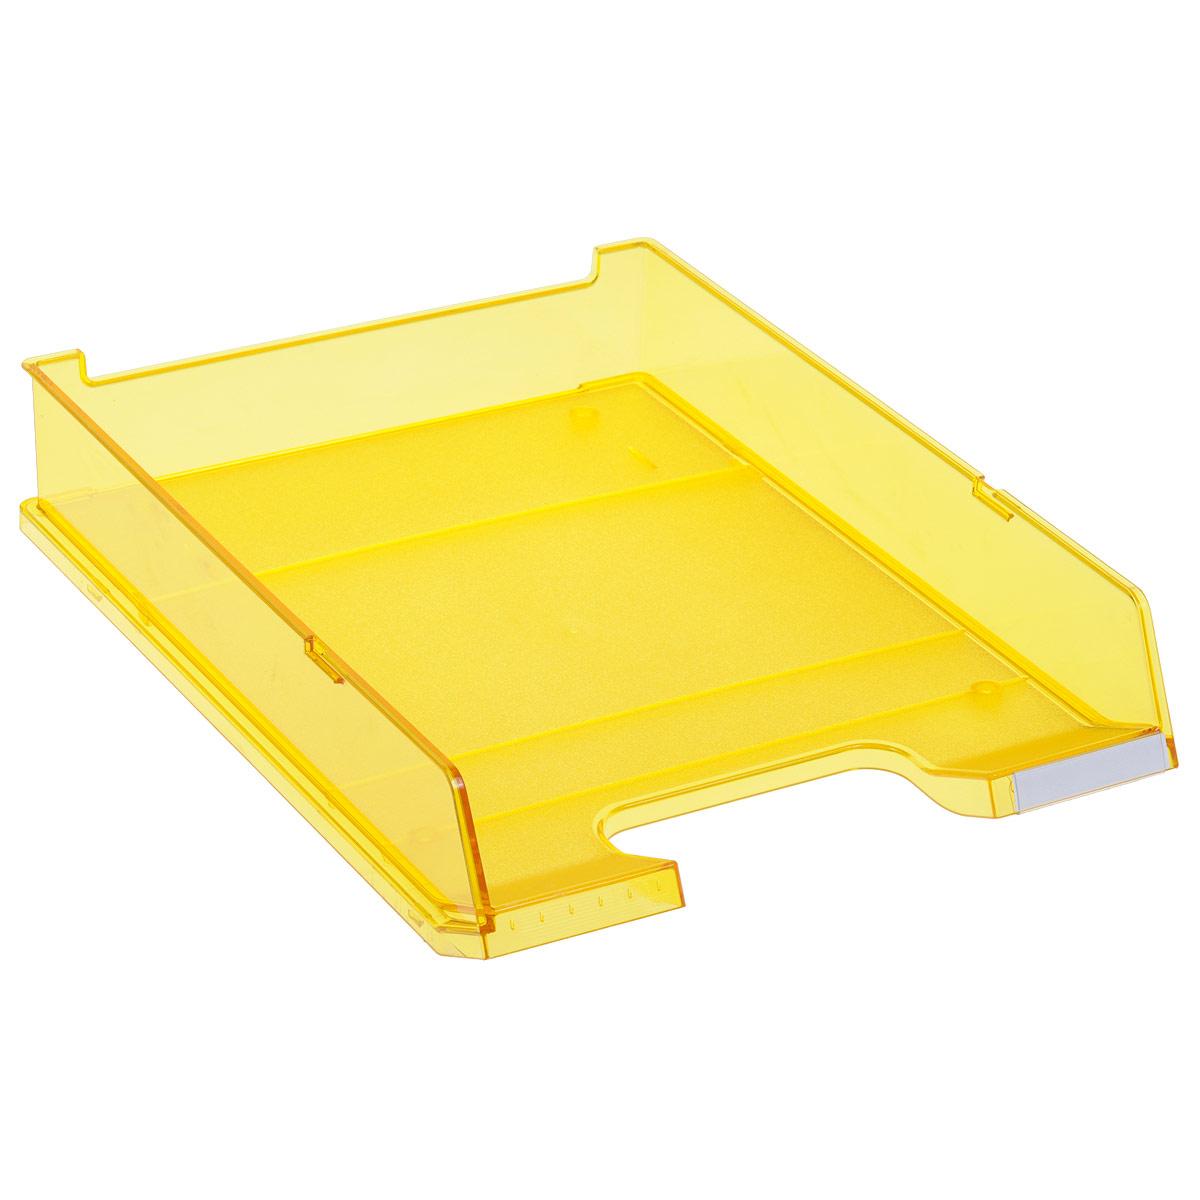 Лоток для бумаг горизонтальный HAN C4, прозрачный, цвет: желтыйHA1020/25Горизонтальный лоток для бумаг HAN C4 предназначен для хранения бумаг и документов формата А4. Лоток с оригинальным дизайном корпуса поможет вам навести порядок на столе и сэкономить пространство. Лоток изготовлен из экологически чистого прозрачного антистатического пластика. Приподнятая фронтальная часть лотка облегчает изъятие документов из накопителя. Лоток имеет пластиковые ножки, предотвращающие скольжение по столу. Также лоток оснащен небольшим прозрачным окошком для этикетки.Лоток для бумаг станет незаменимым помощником для работы с бумагами дома или в офисе, а его стильный дизайн впишется в любой интерьер. Благодаря лотку для бумаг, важные бумаги и документы всегда будут под рукой.Несколько лотков можно ставить друг на друга, один в другой и друг на друга со смещением.